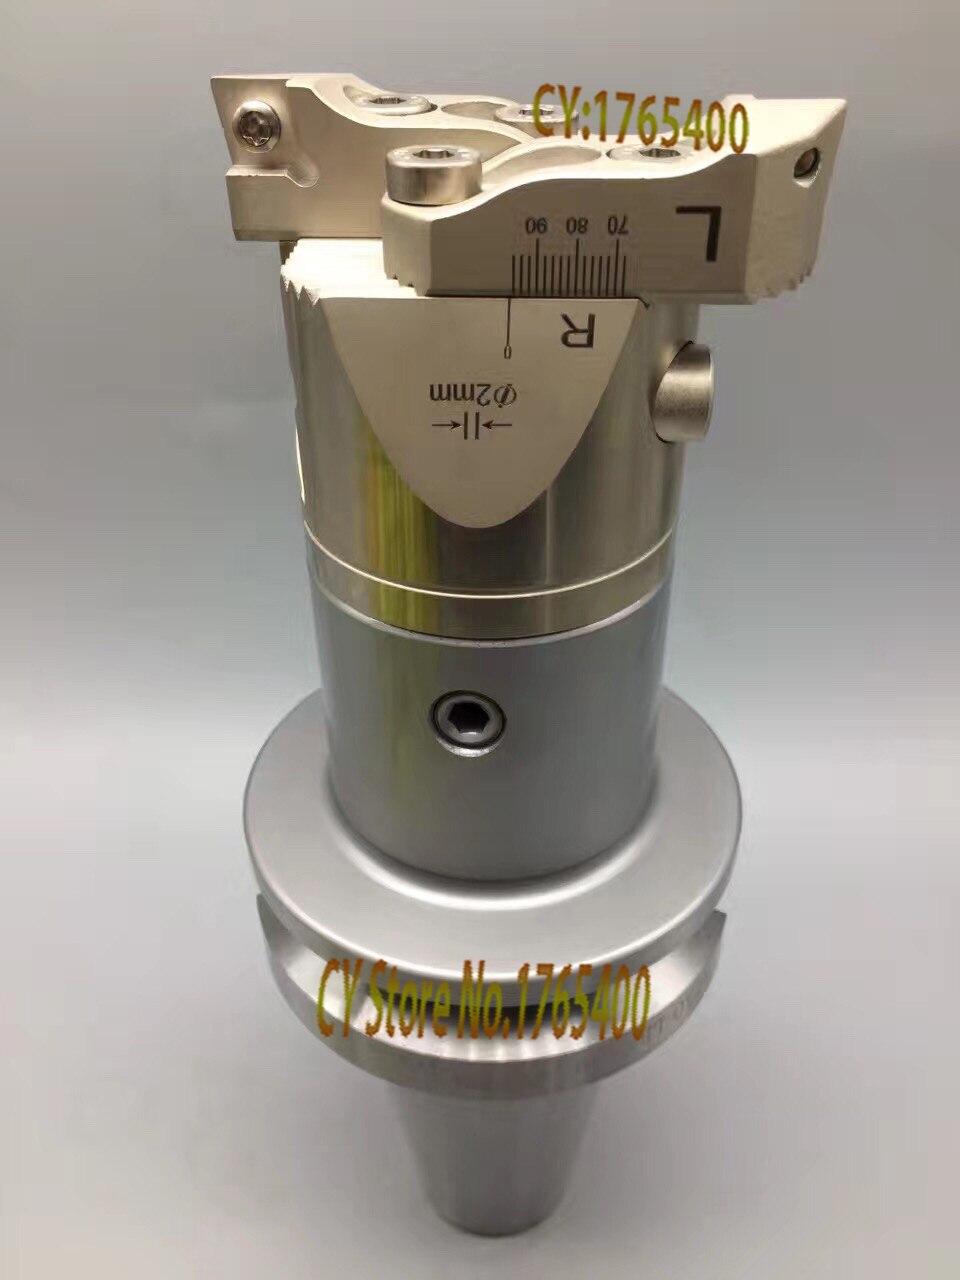 BT40-LBK6-115L M16 أربور RBH 68-92 مللي متر عالية الدقة التوأم بت الخام مملة رئيس تستخدم ل ثقوب عميقة ، RBH68-92 أداة